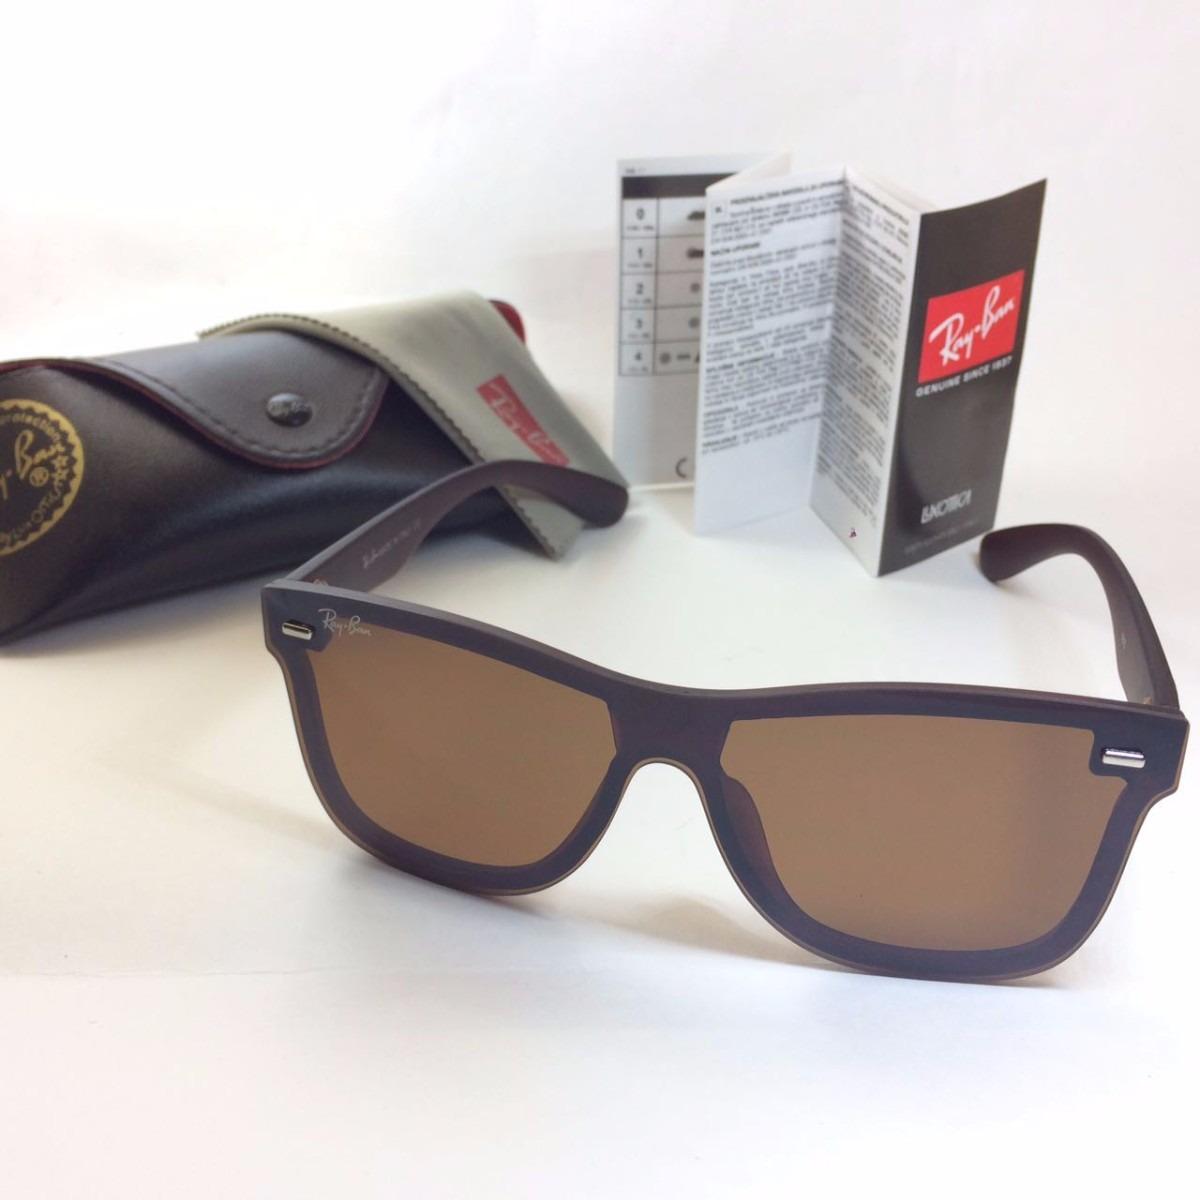 becf1557f7de1 Lancamento Rayban Oculos Blaze Espelhado Promocao - R  45,15 em ...